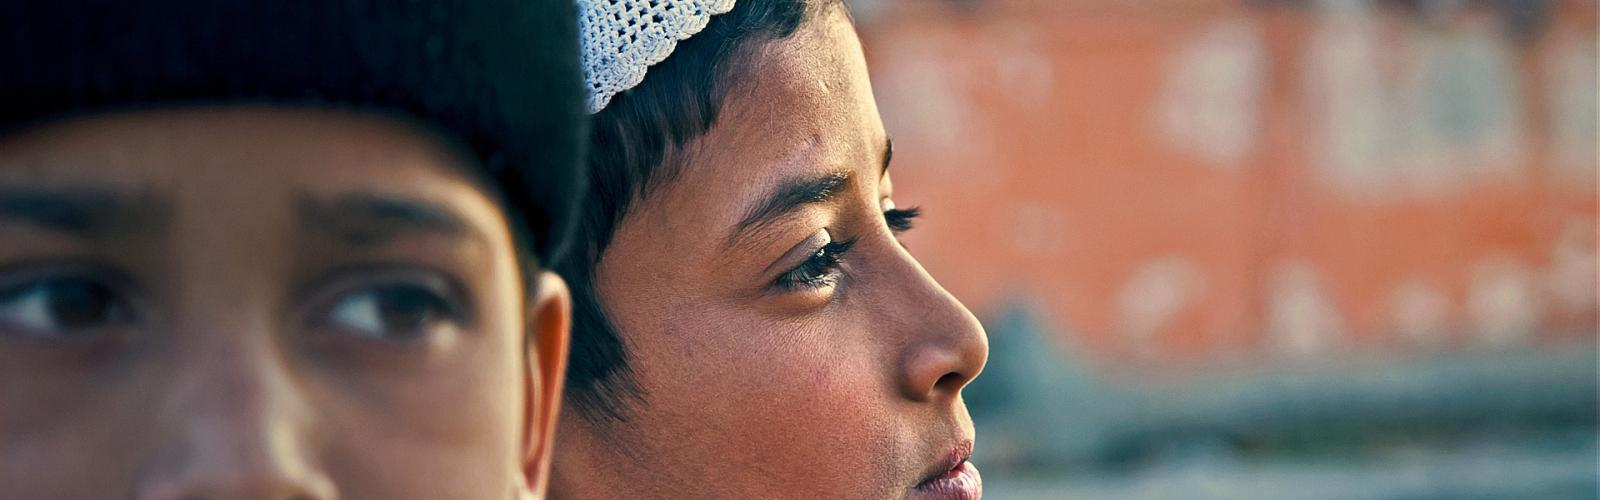 indische kinderen